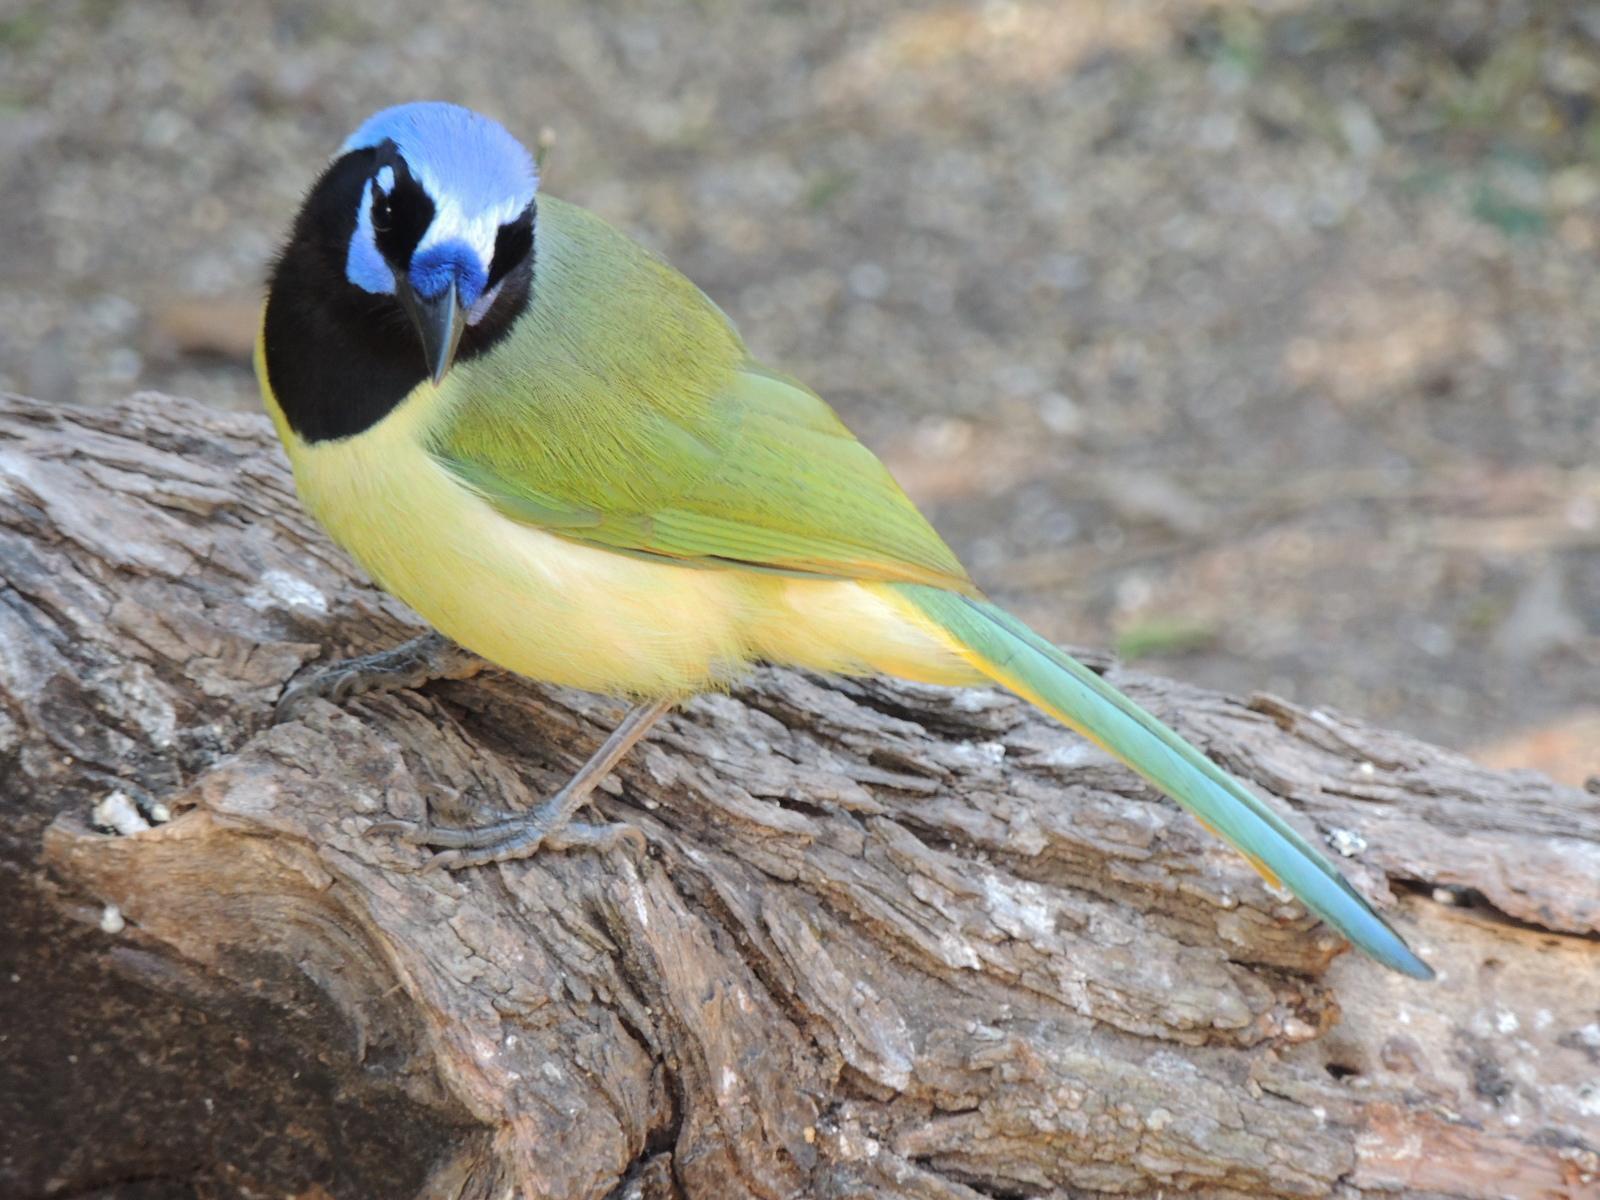 Green Jay Photo by Tony Heindel